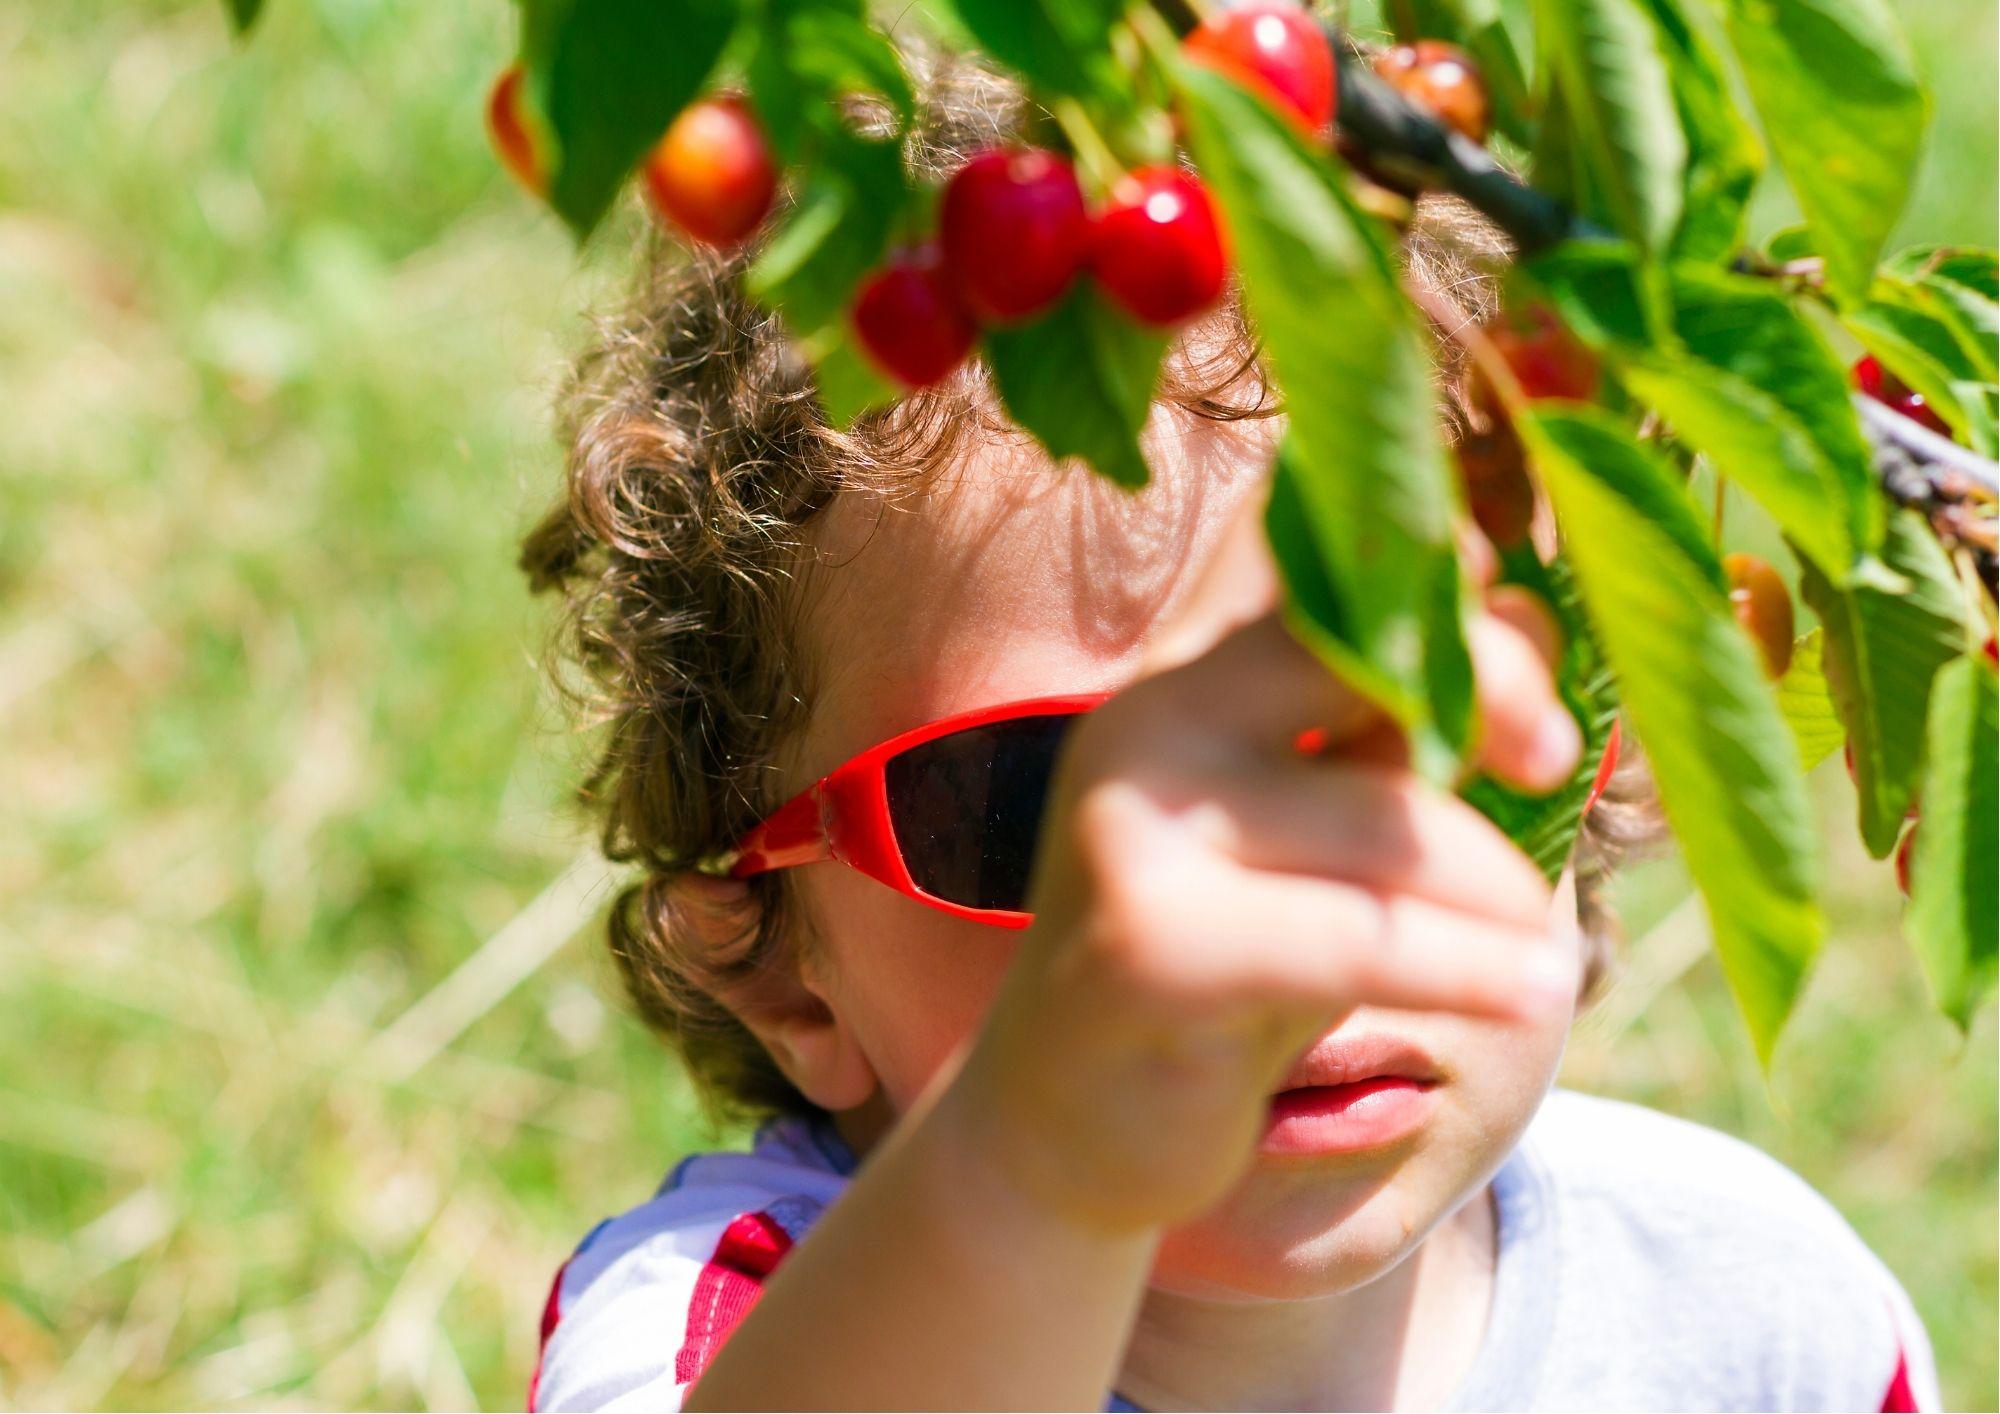 Trekking per famiglie nell'Oltrepò Pavese con raccolta ciliegie e merenda!